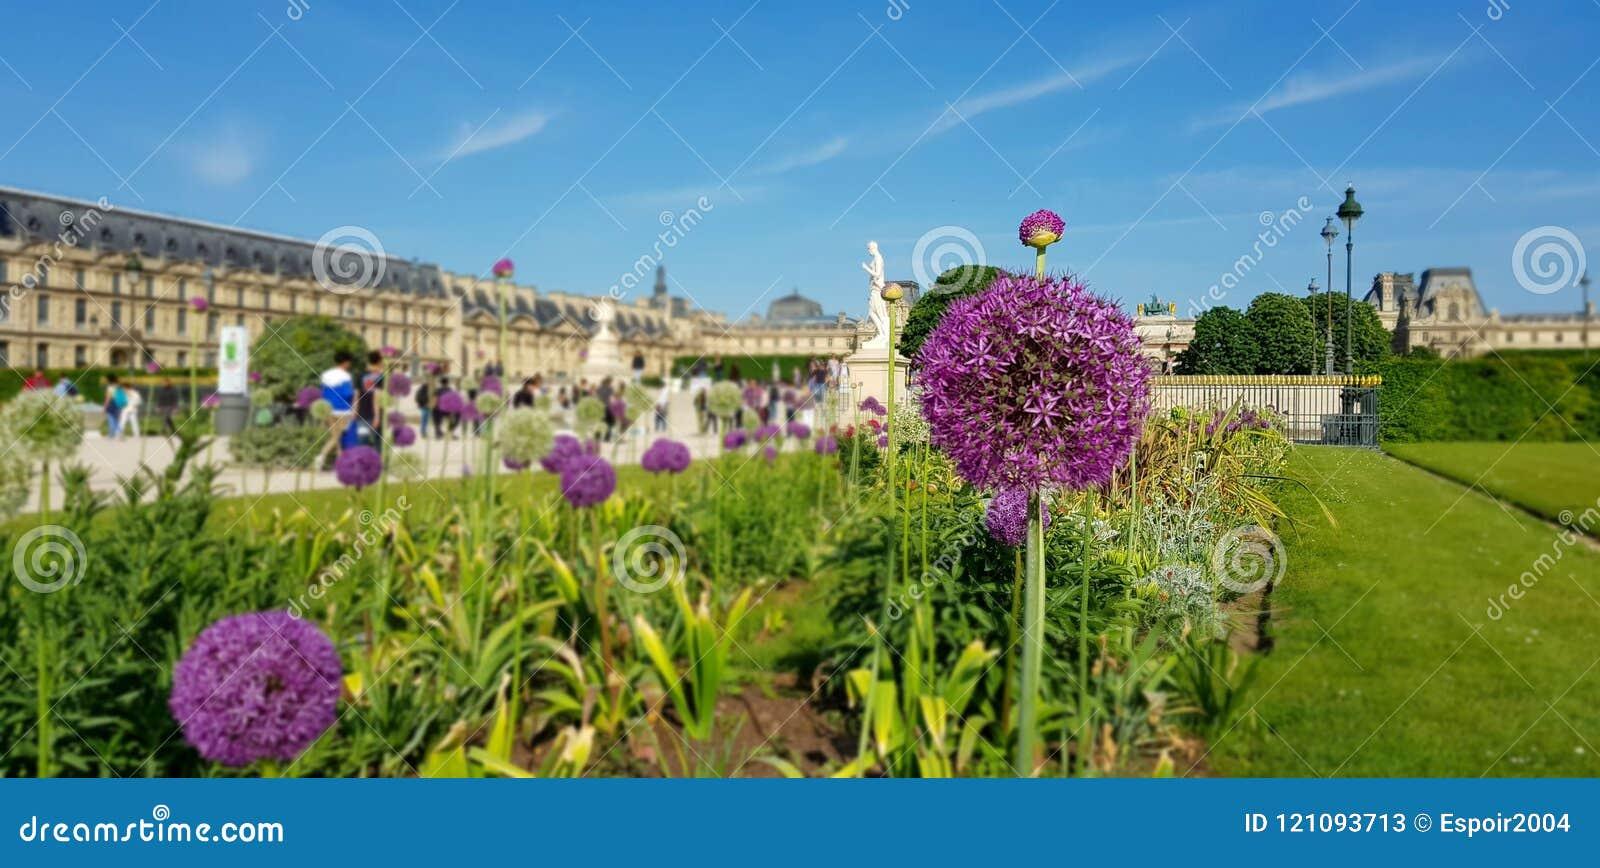 Bloem van de ui in de tuin van tuileries in Parijs nadruk op de bloem